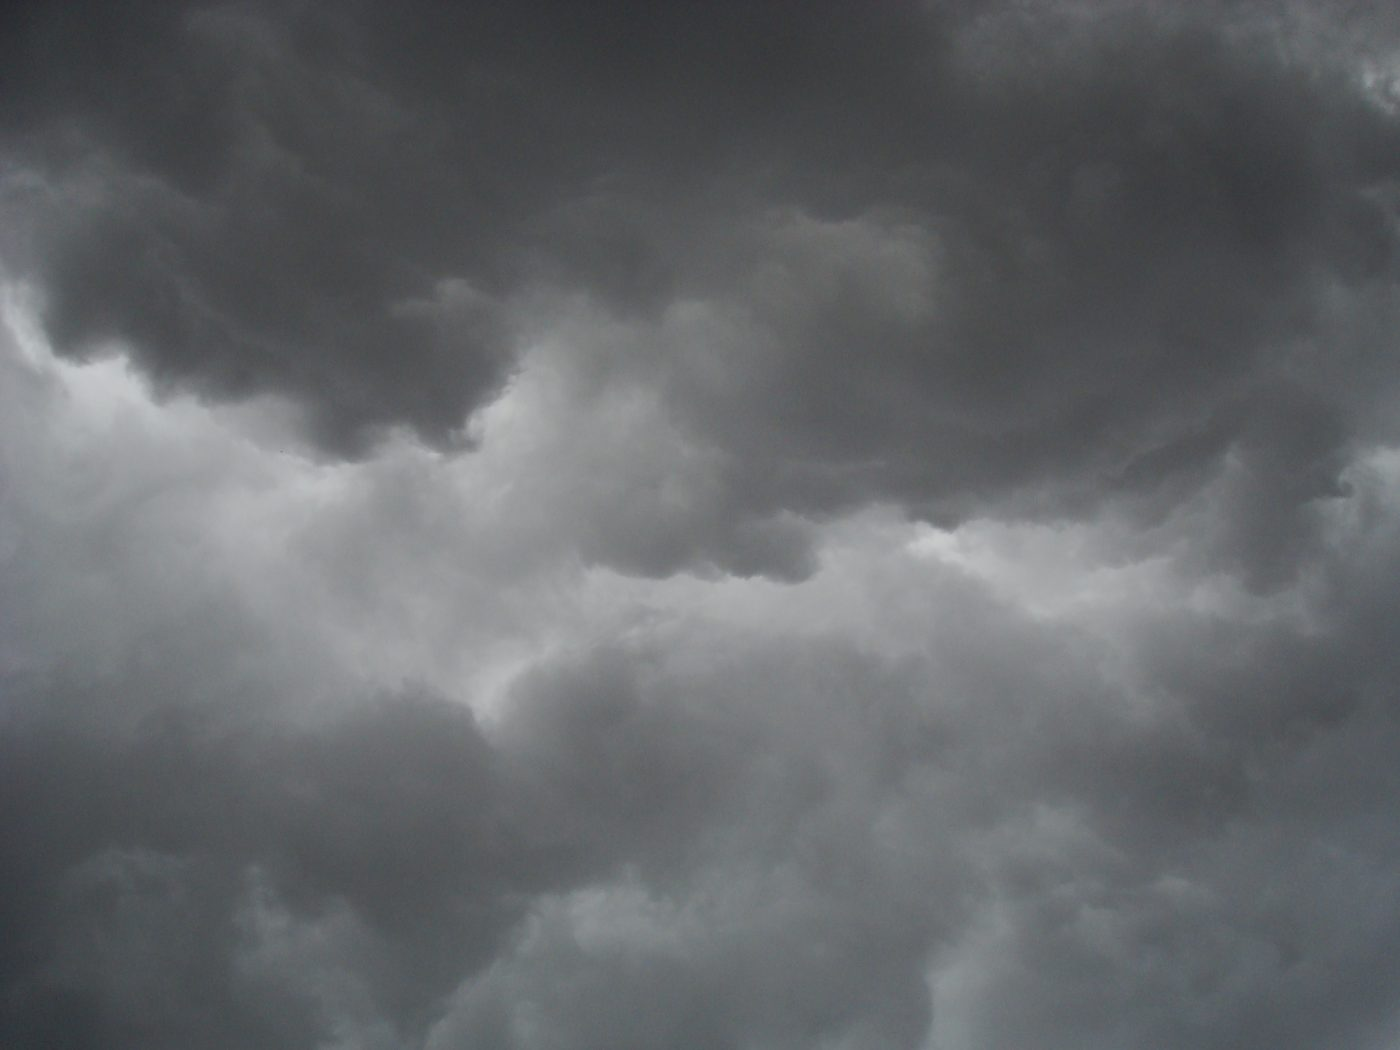 storm-clouds, by-mattnolt